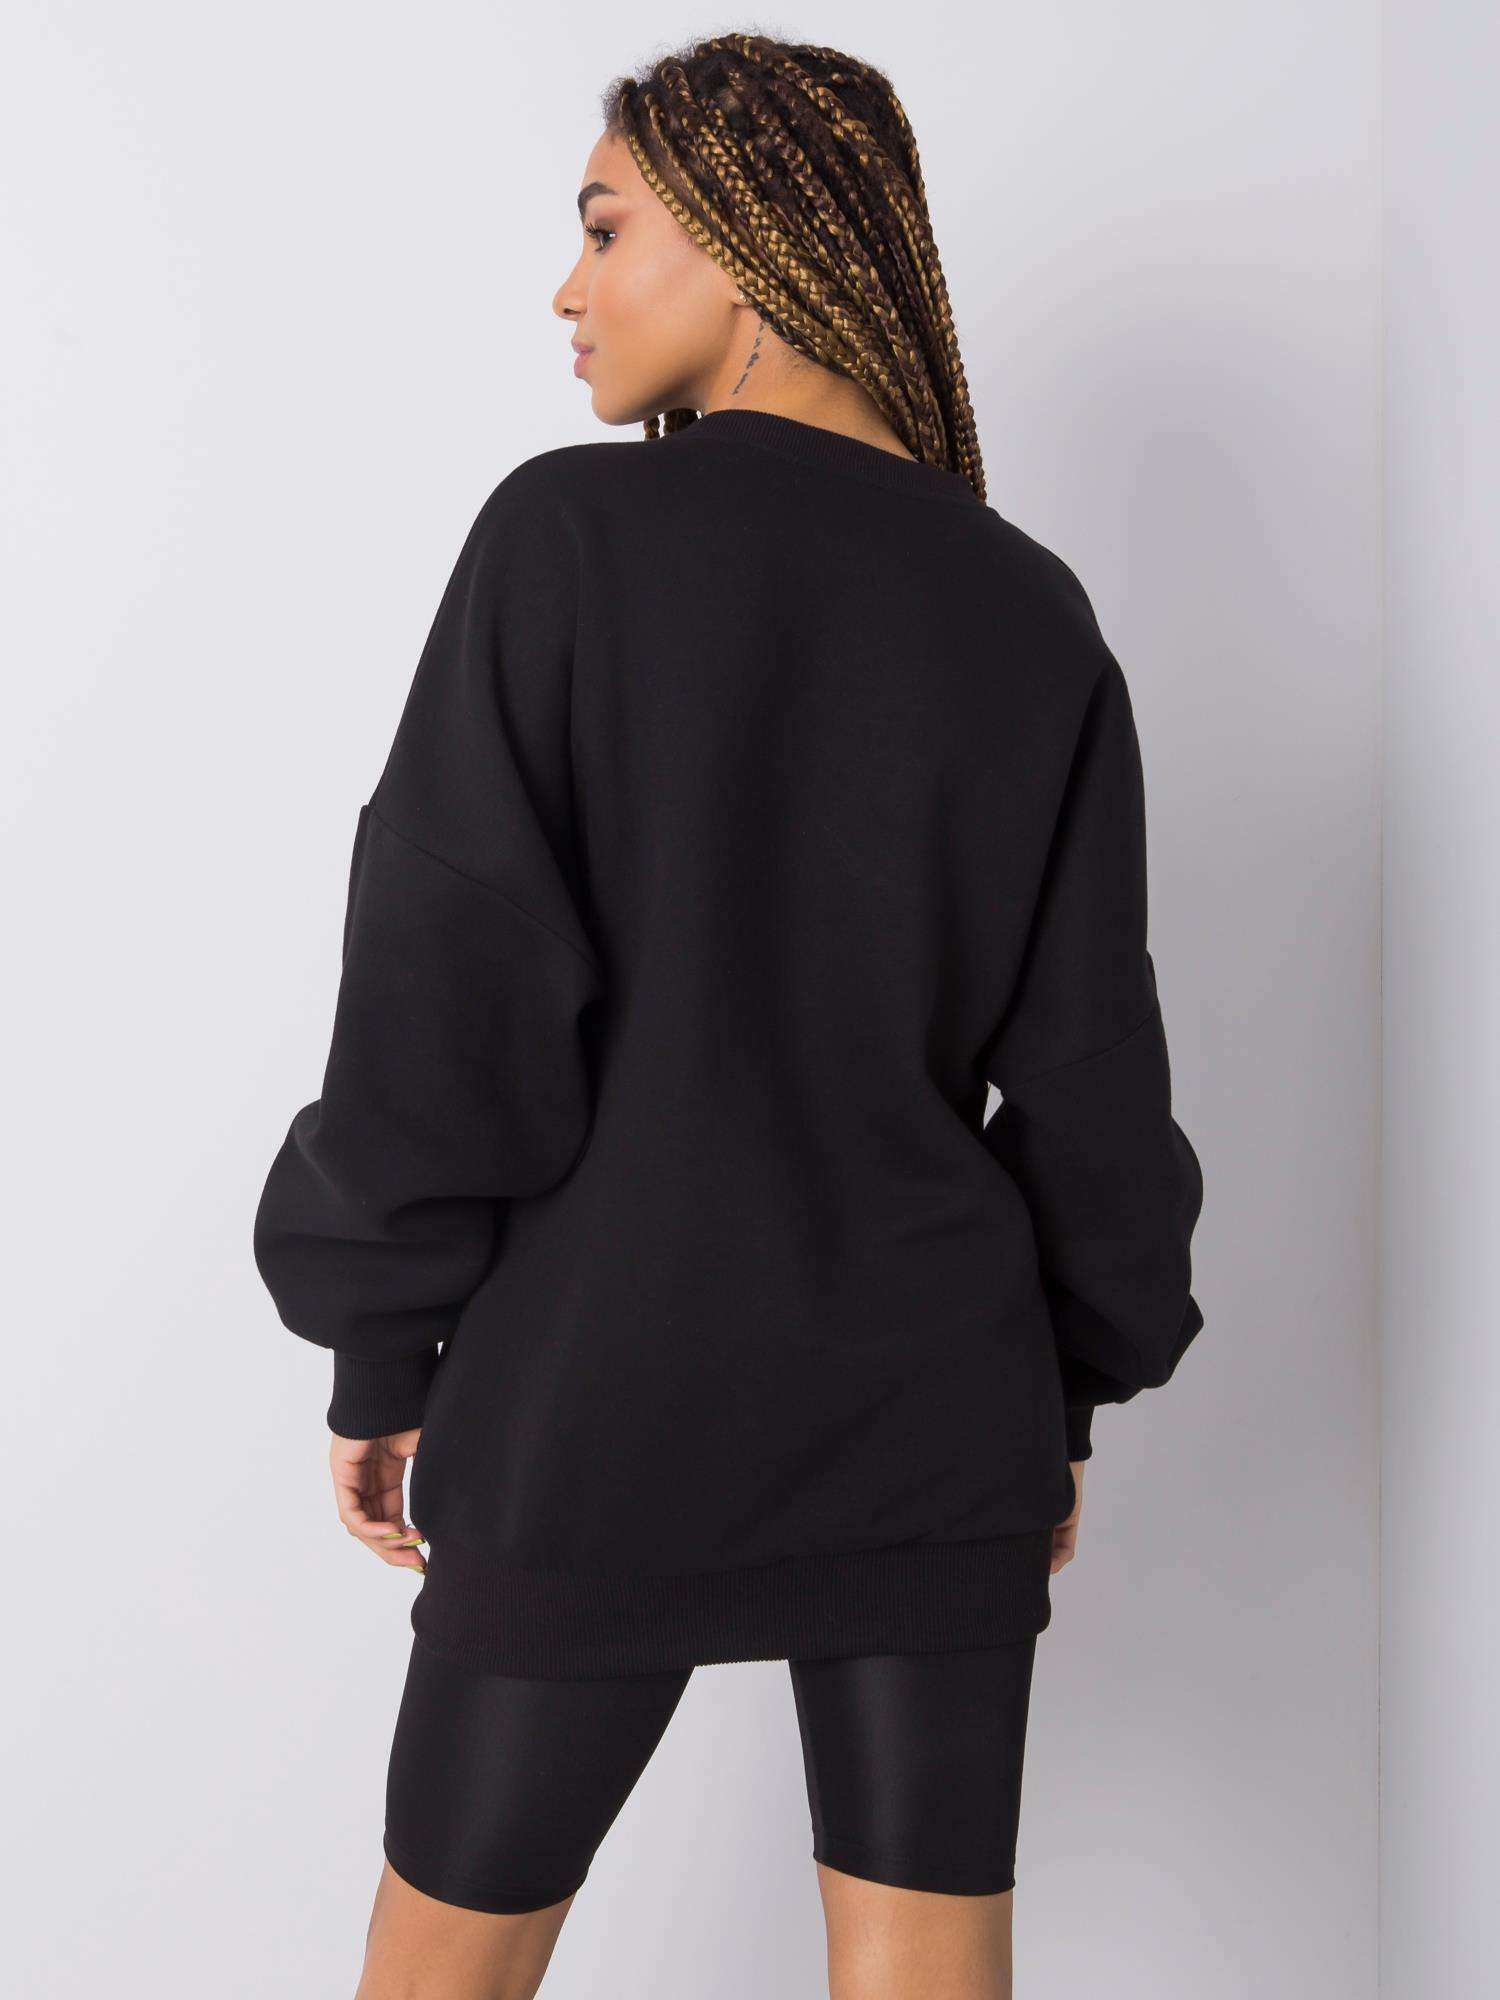 Sweatshirt in Schwarz mit Aufdruck Rückansicht